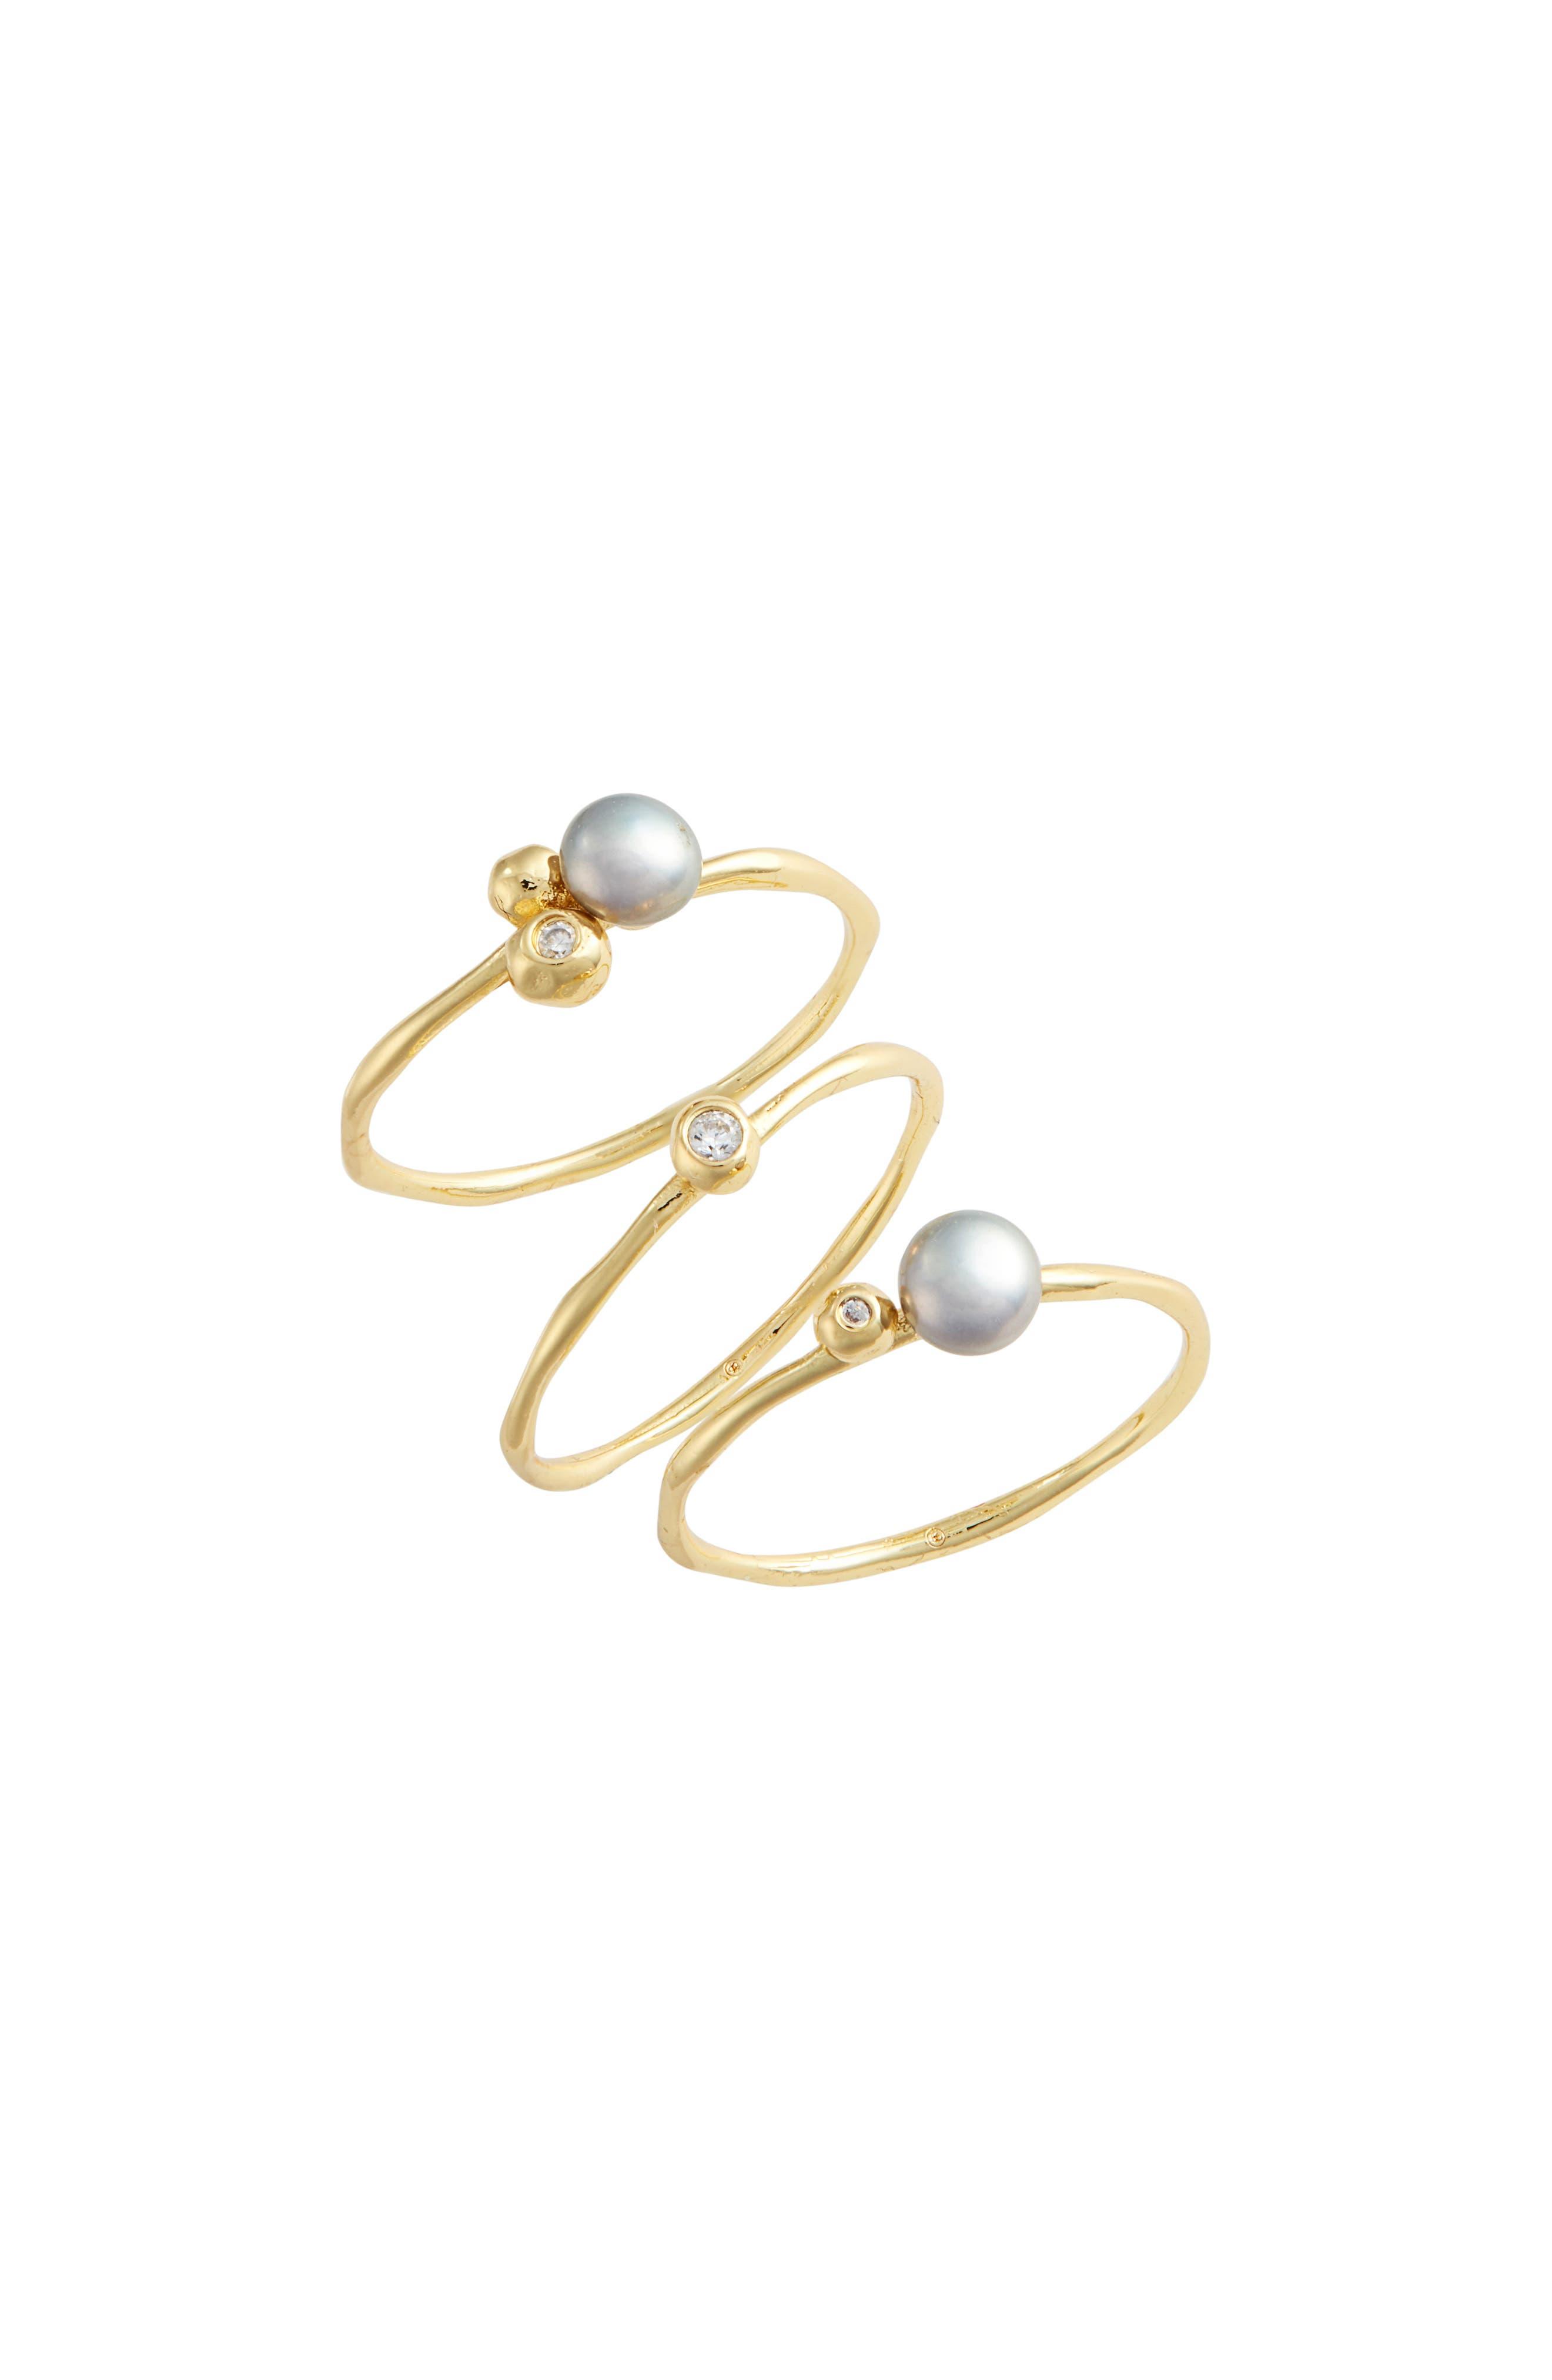 Vienna Shimmer Freshwater Pearl & Crystal Ring Set,                             Main thumbnail 1, color,                             GREY PEARL/ GOLD